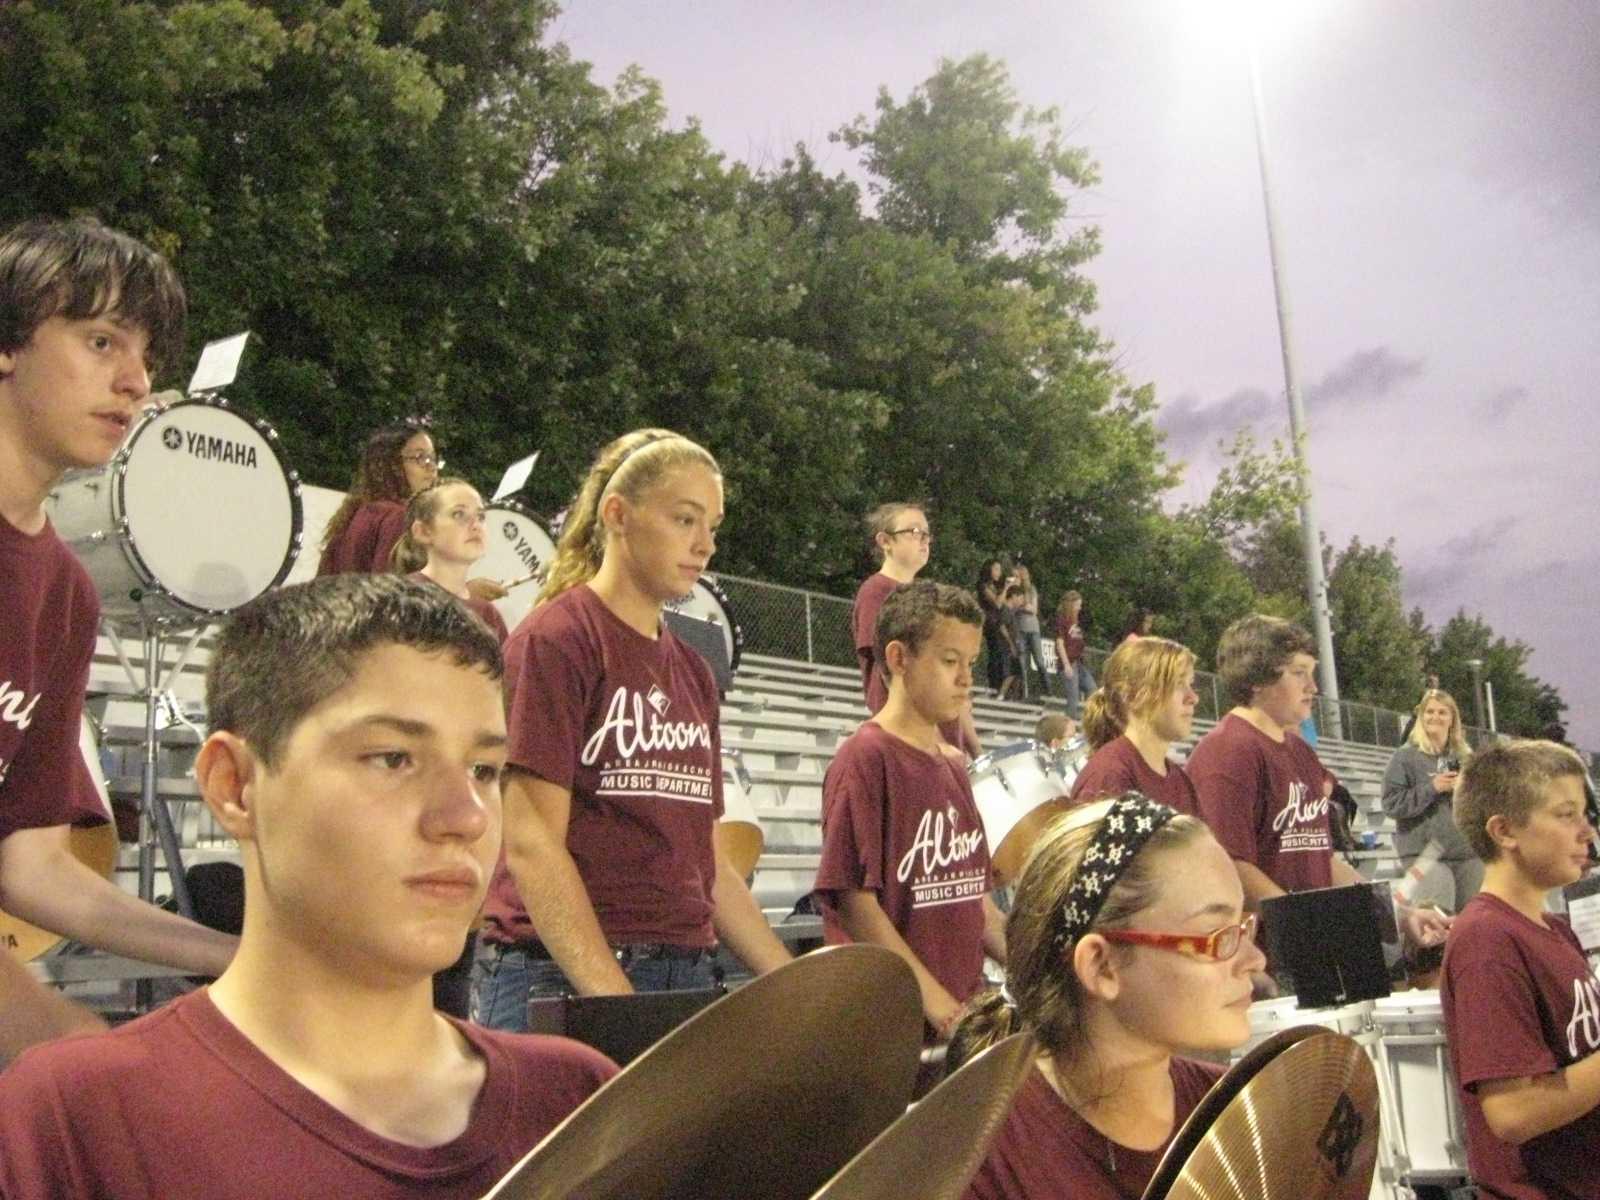 Drummers rock!